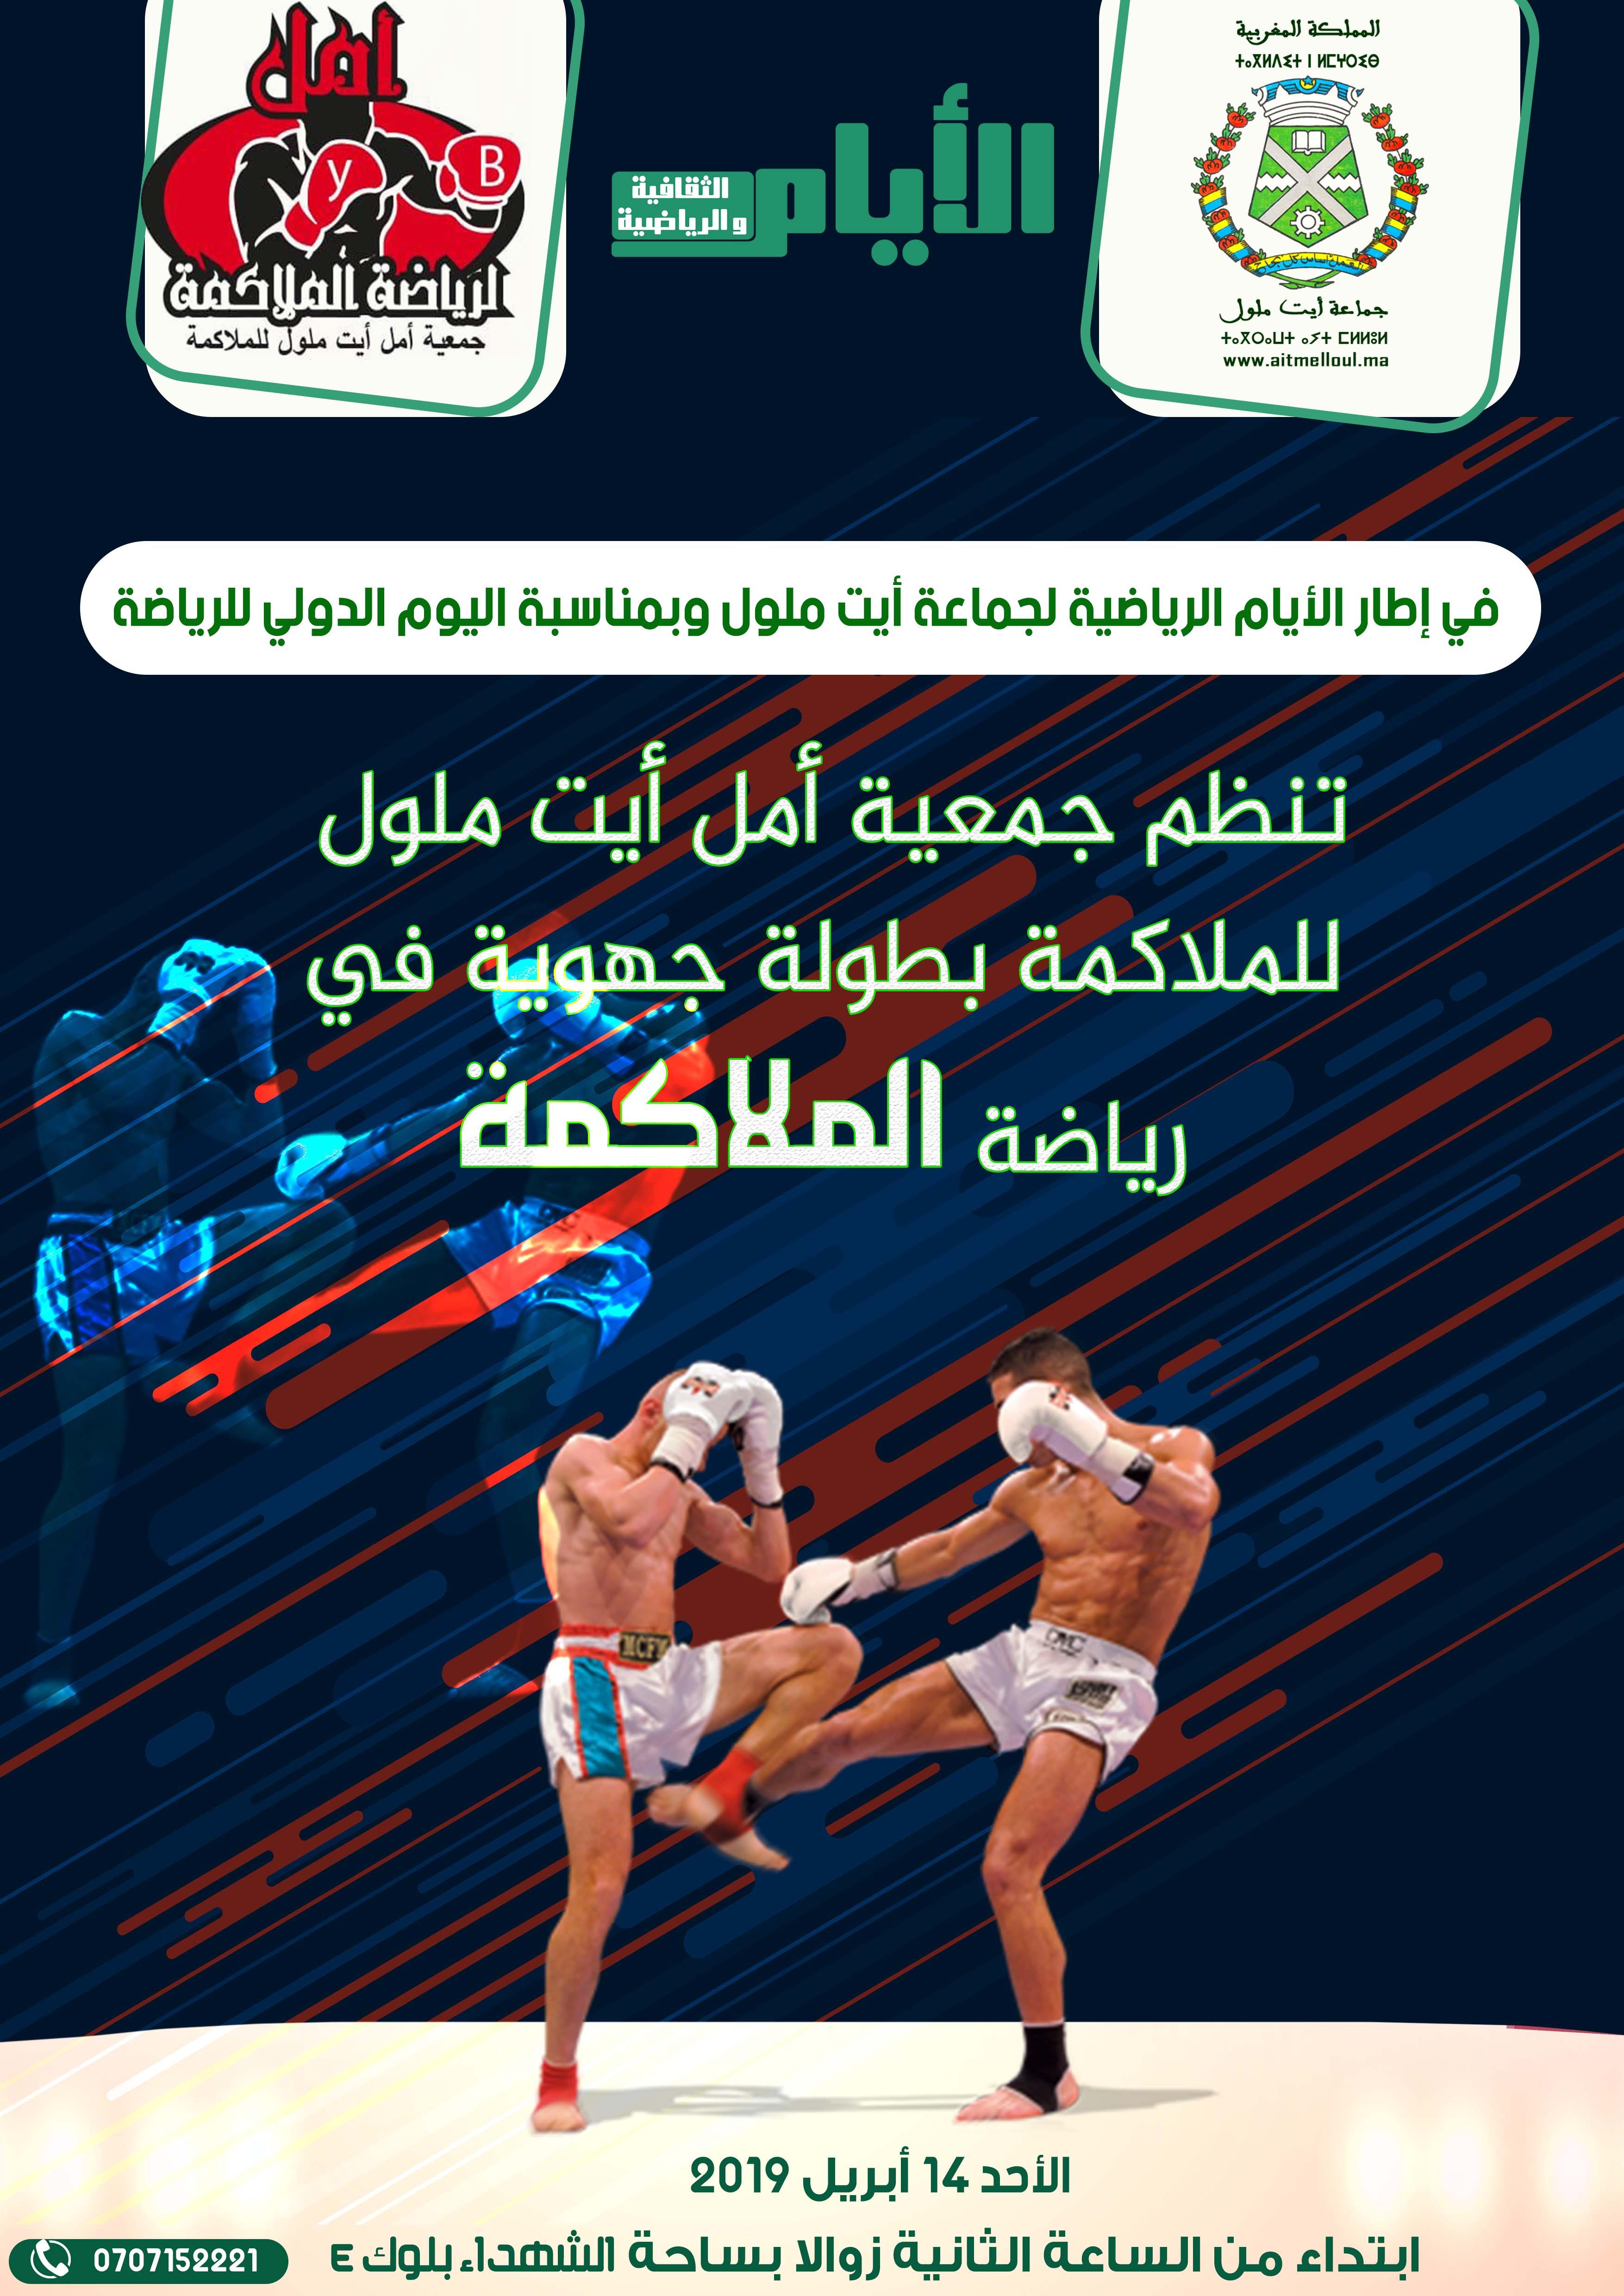 بمناسبة الأيام الرياضية للجماعة بطولة جهوية في رياضة الملاكمة بأيت ملول